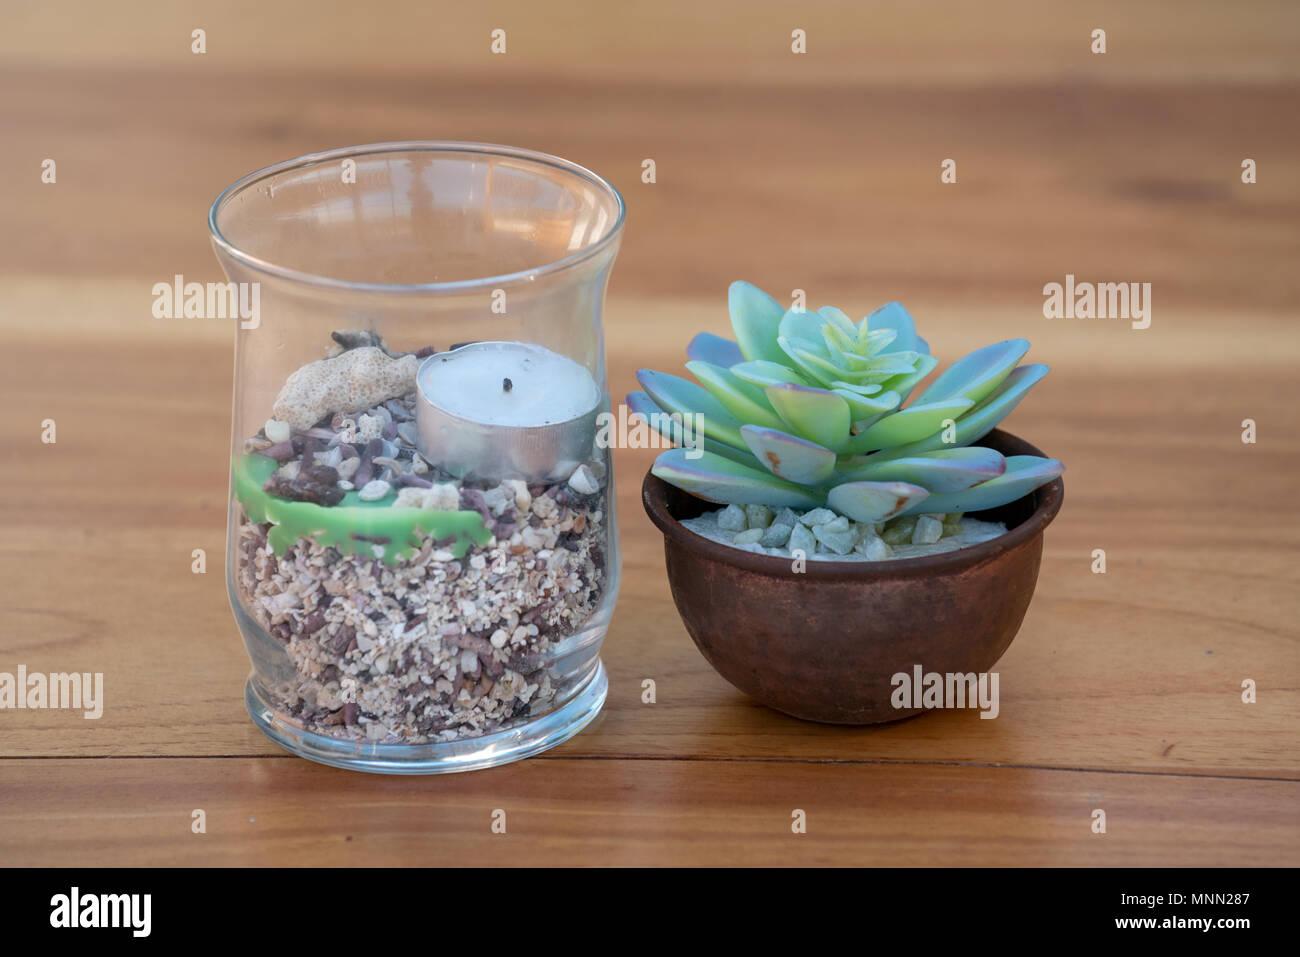 Topfpflanze Und Eine Kerze Auf Einem Tisch In Einem Restaurant In Der  Galapagos Inseln, Ecuador.